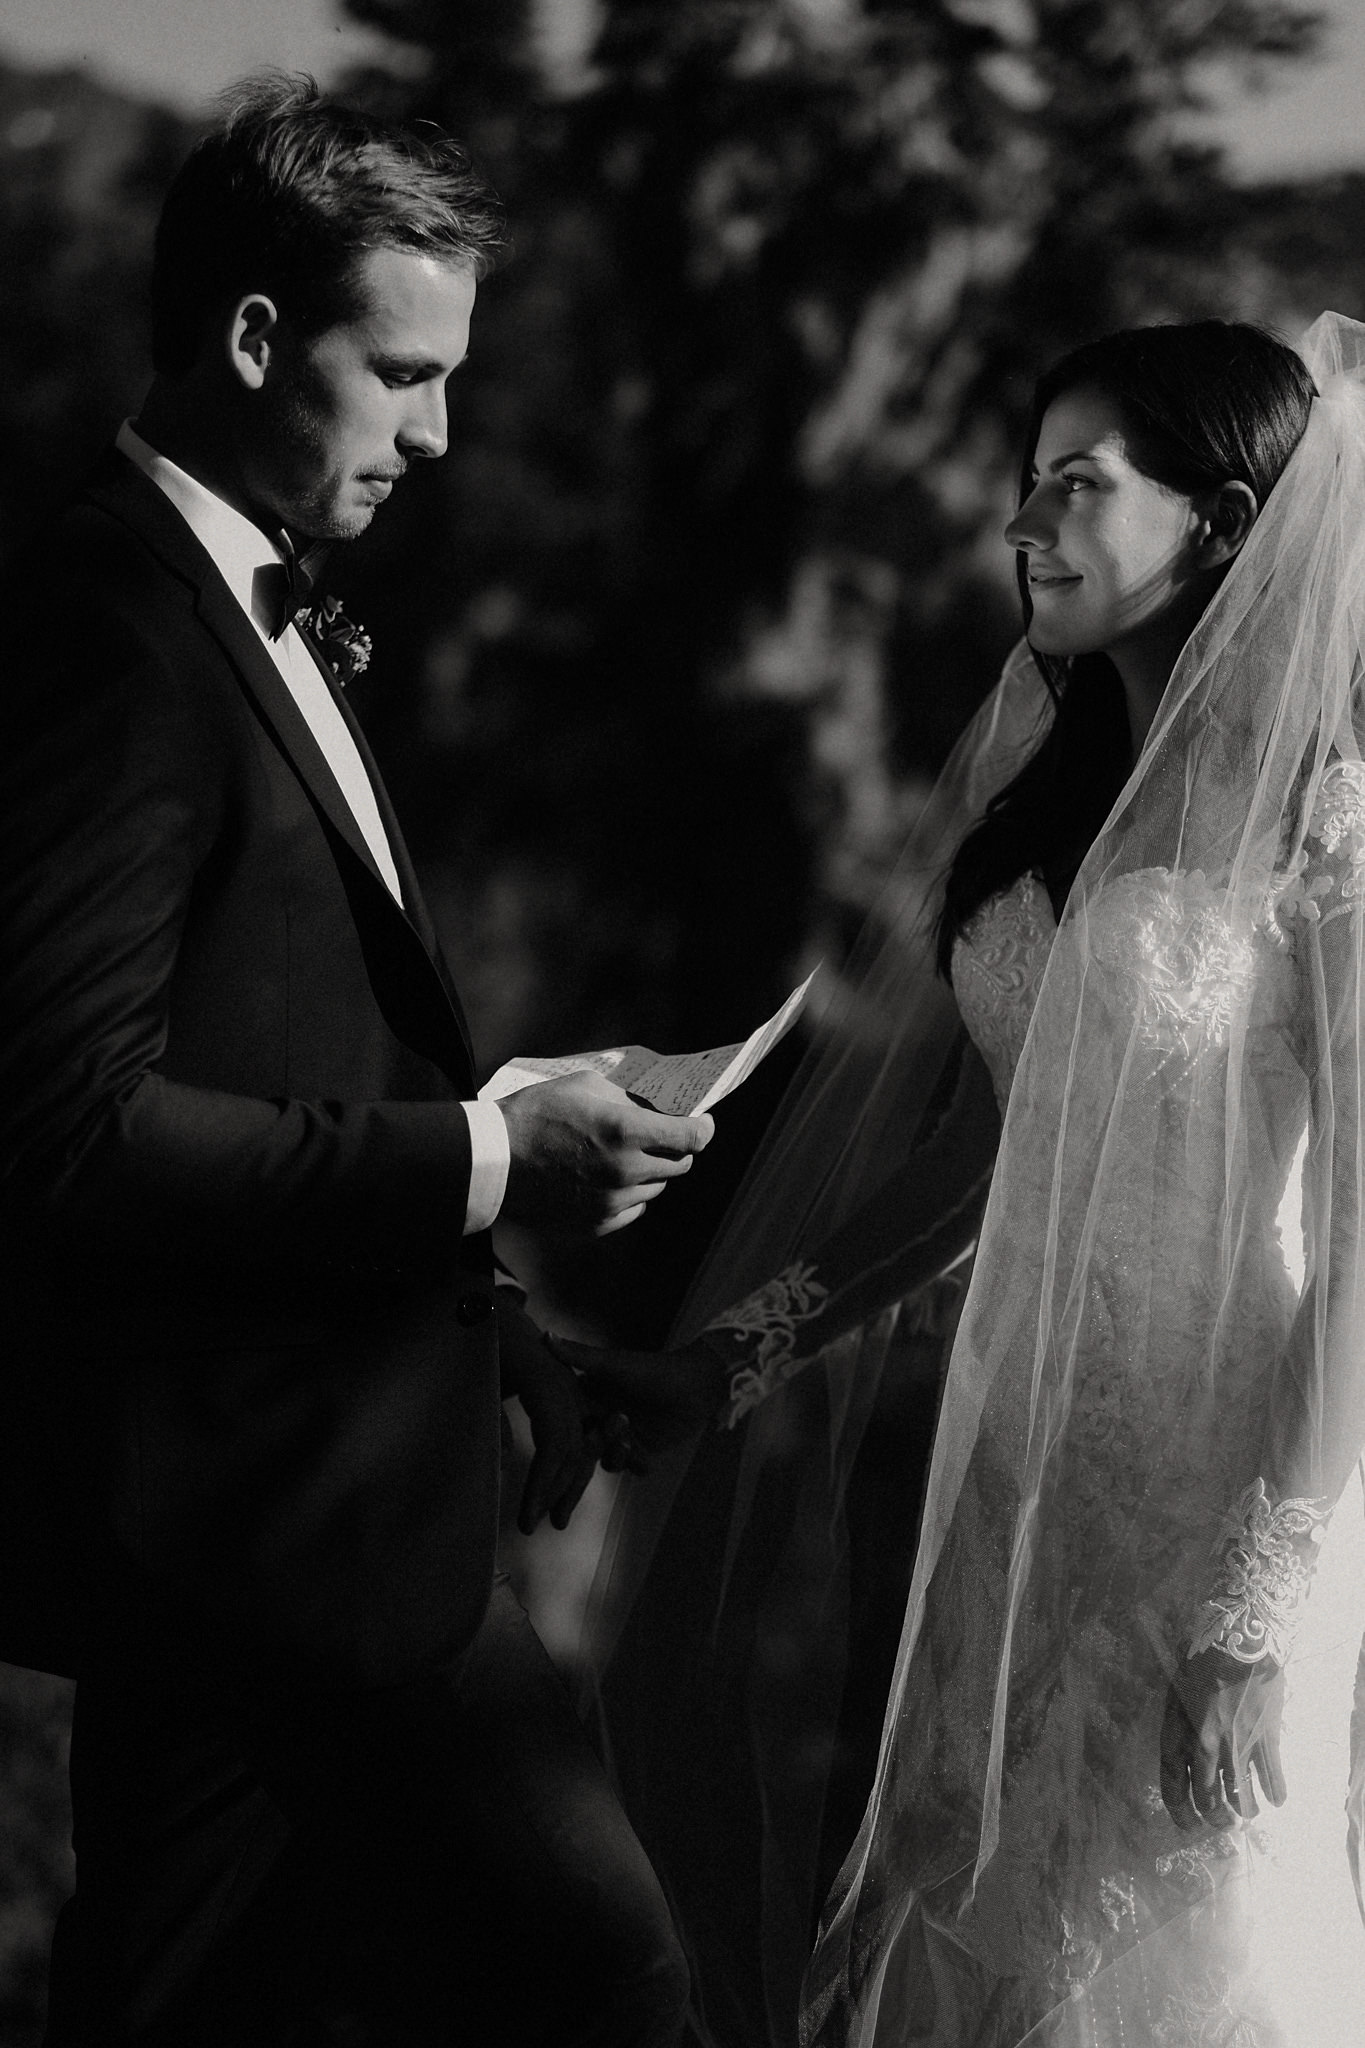 mindy-michael-cascade-mountains-elopement-wedding-24.jpg